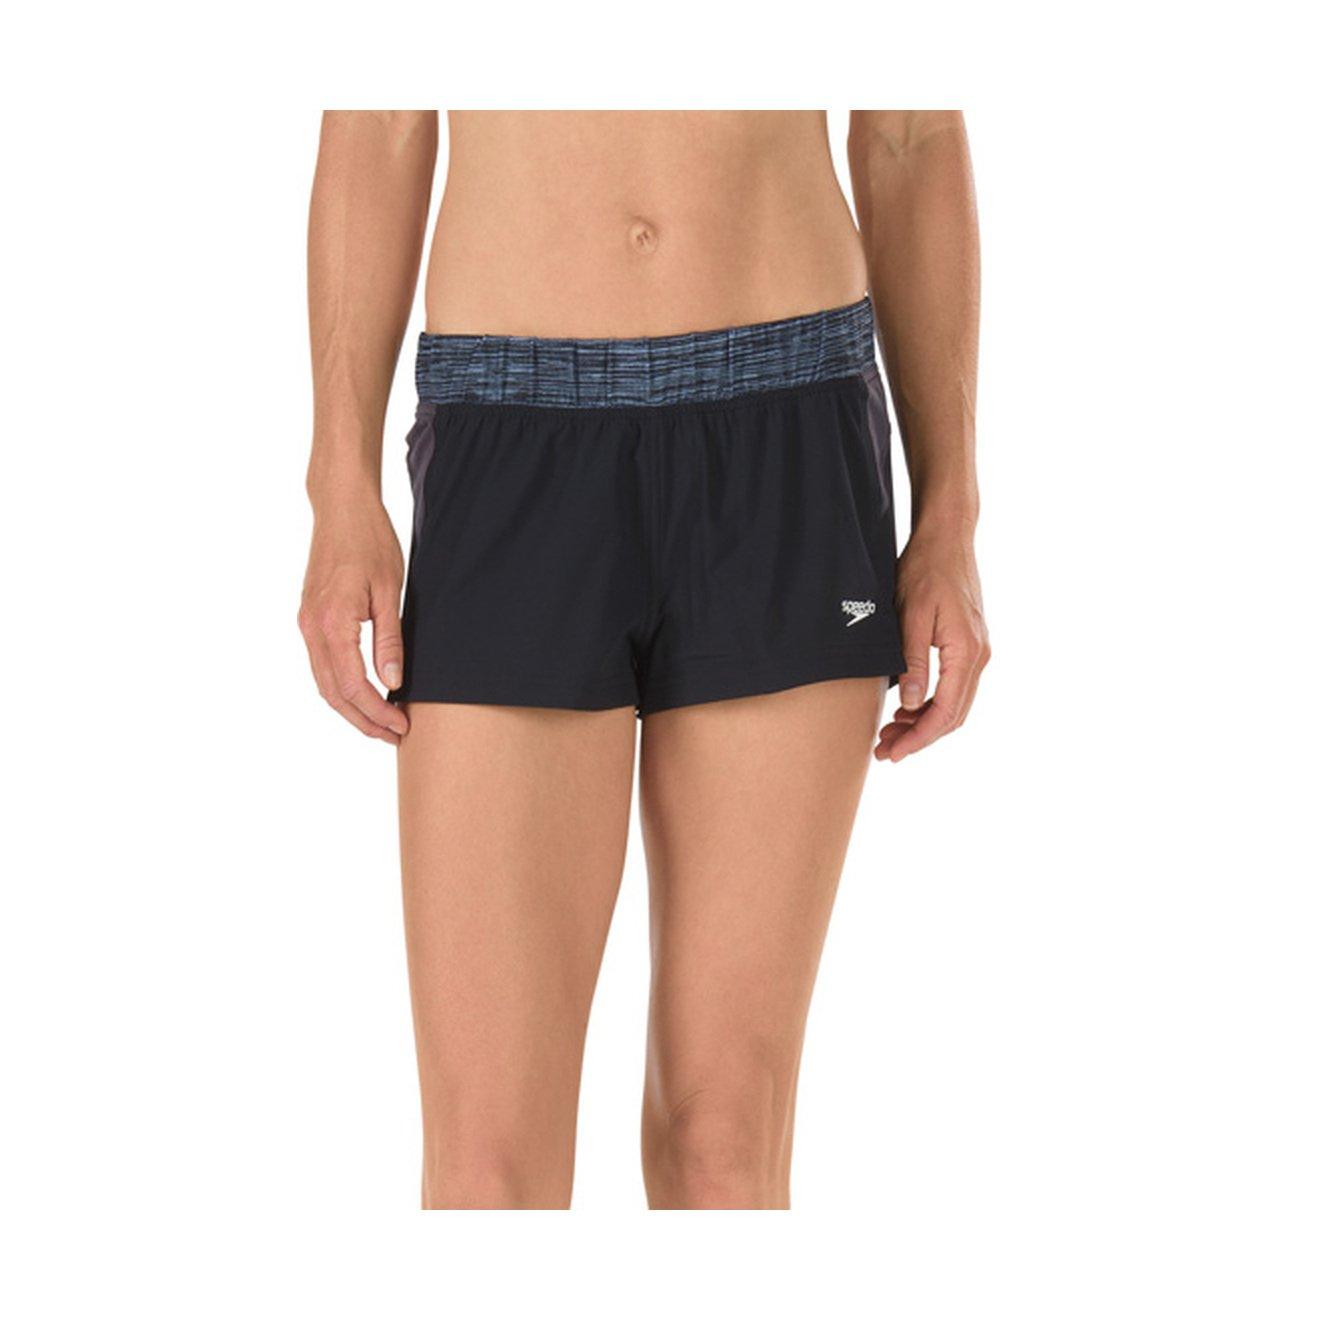 Speedo Womens Four-Way Stretch Swim Shorts